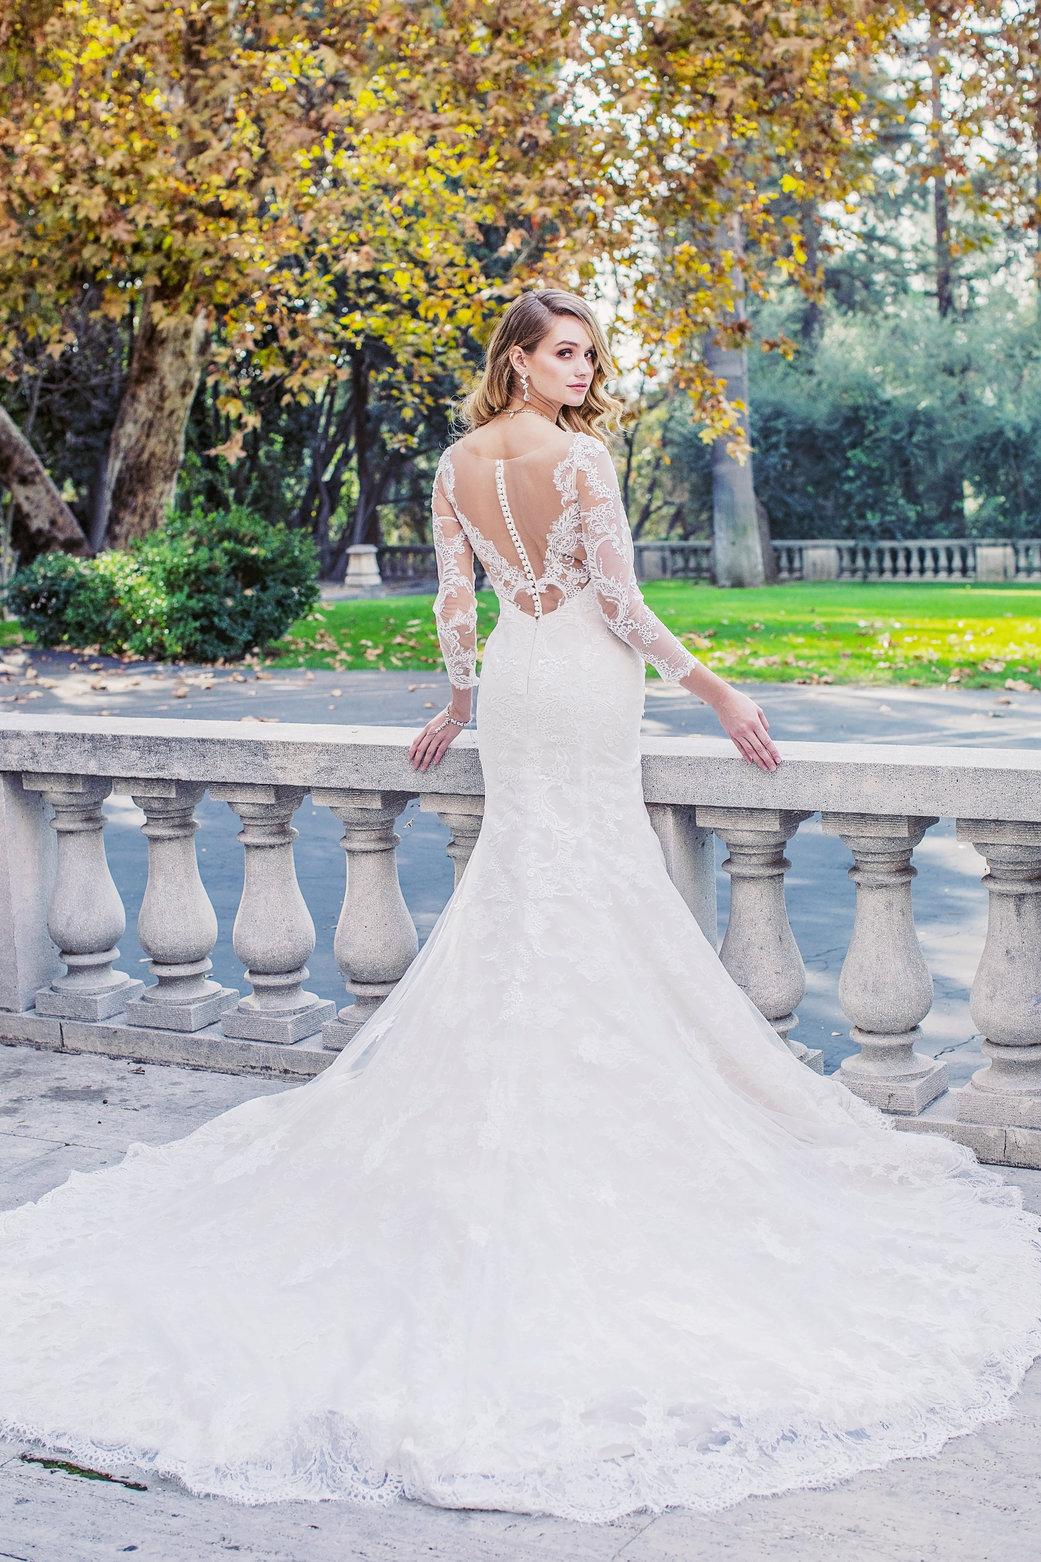 rsz_jinza-bridal-long-sleeves-elsa-mermaid-back.jpg